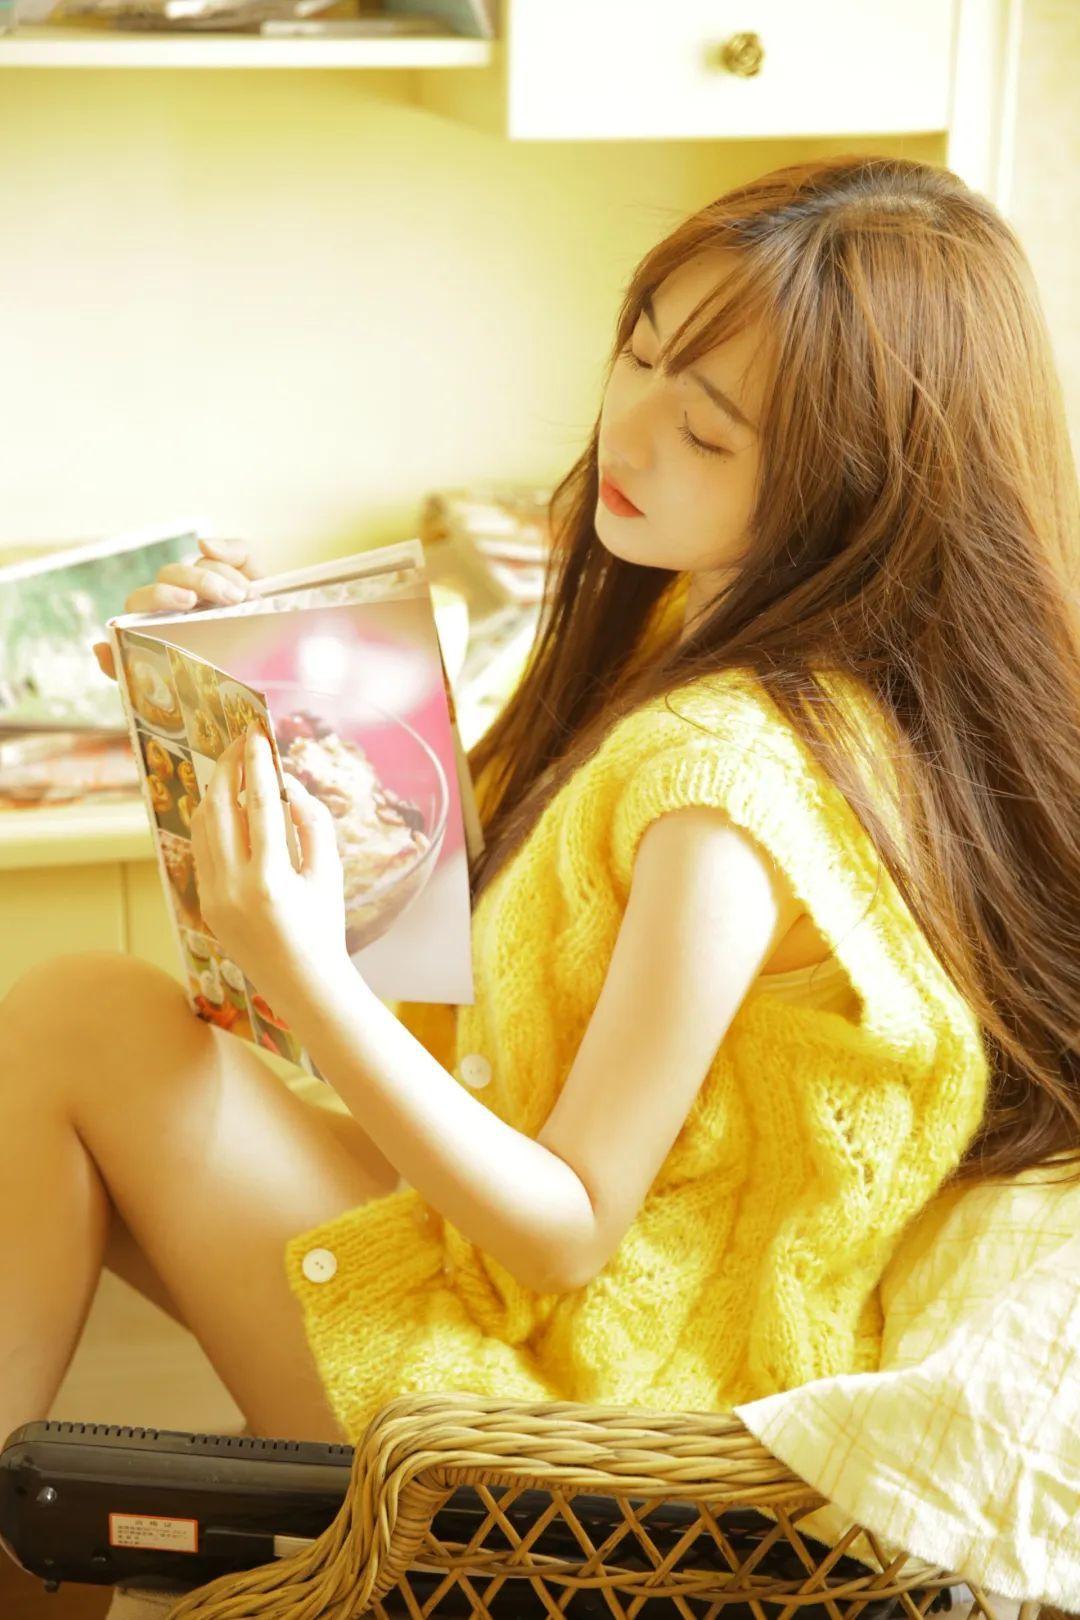 妹子摄影 – 淡黄的毛衣,修长的玉腿,治愈系美少女_图片 No.5